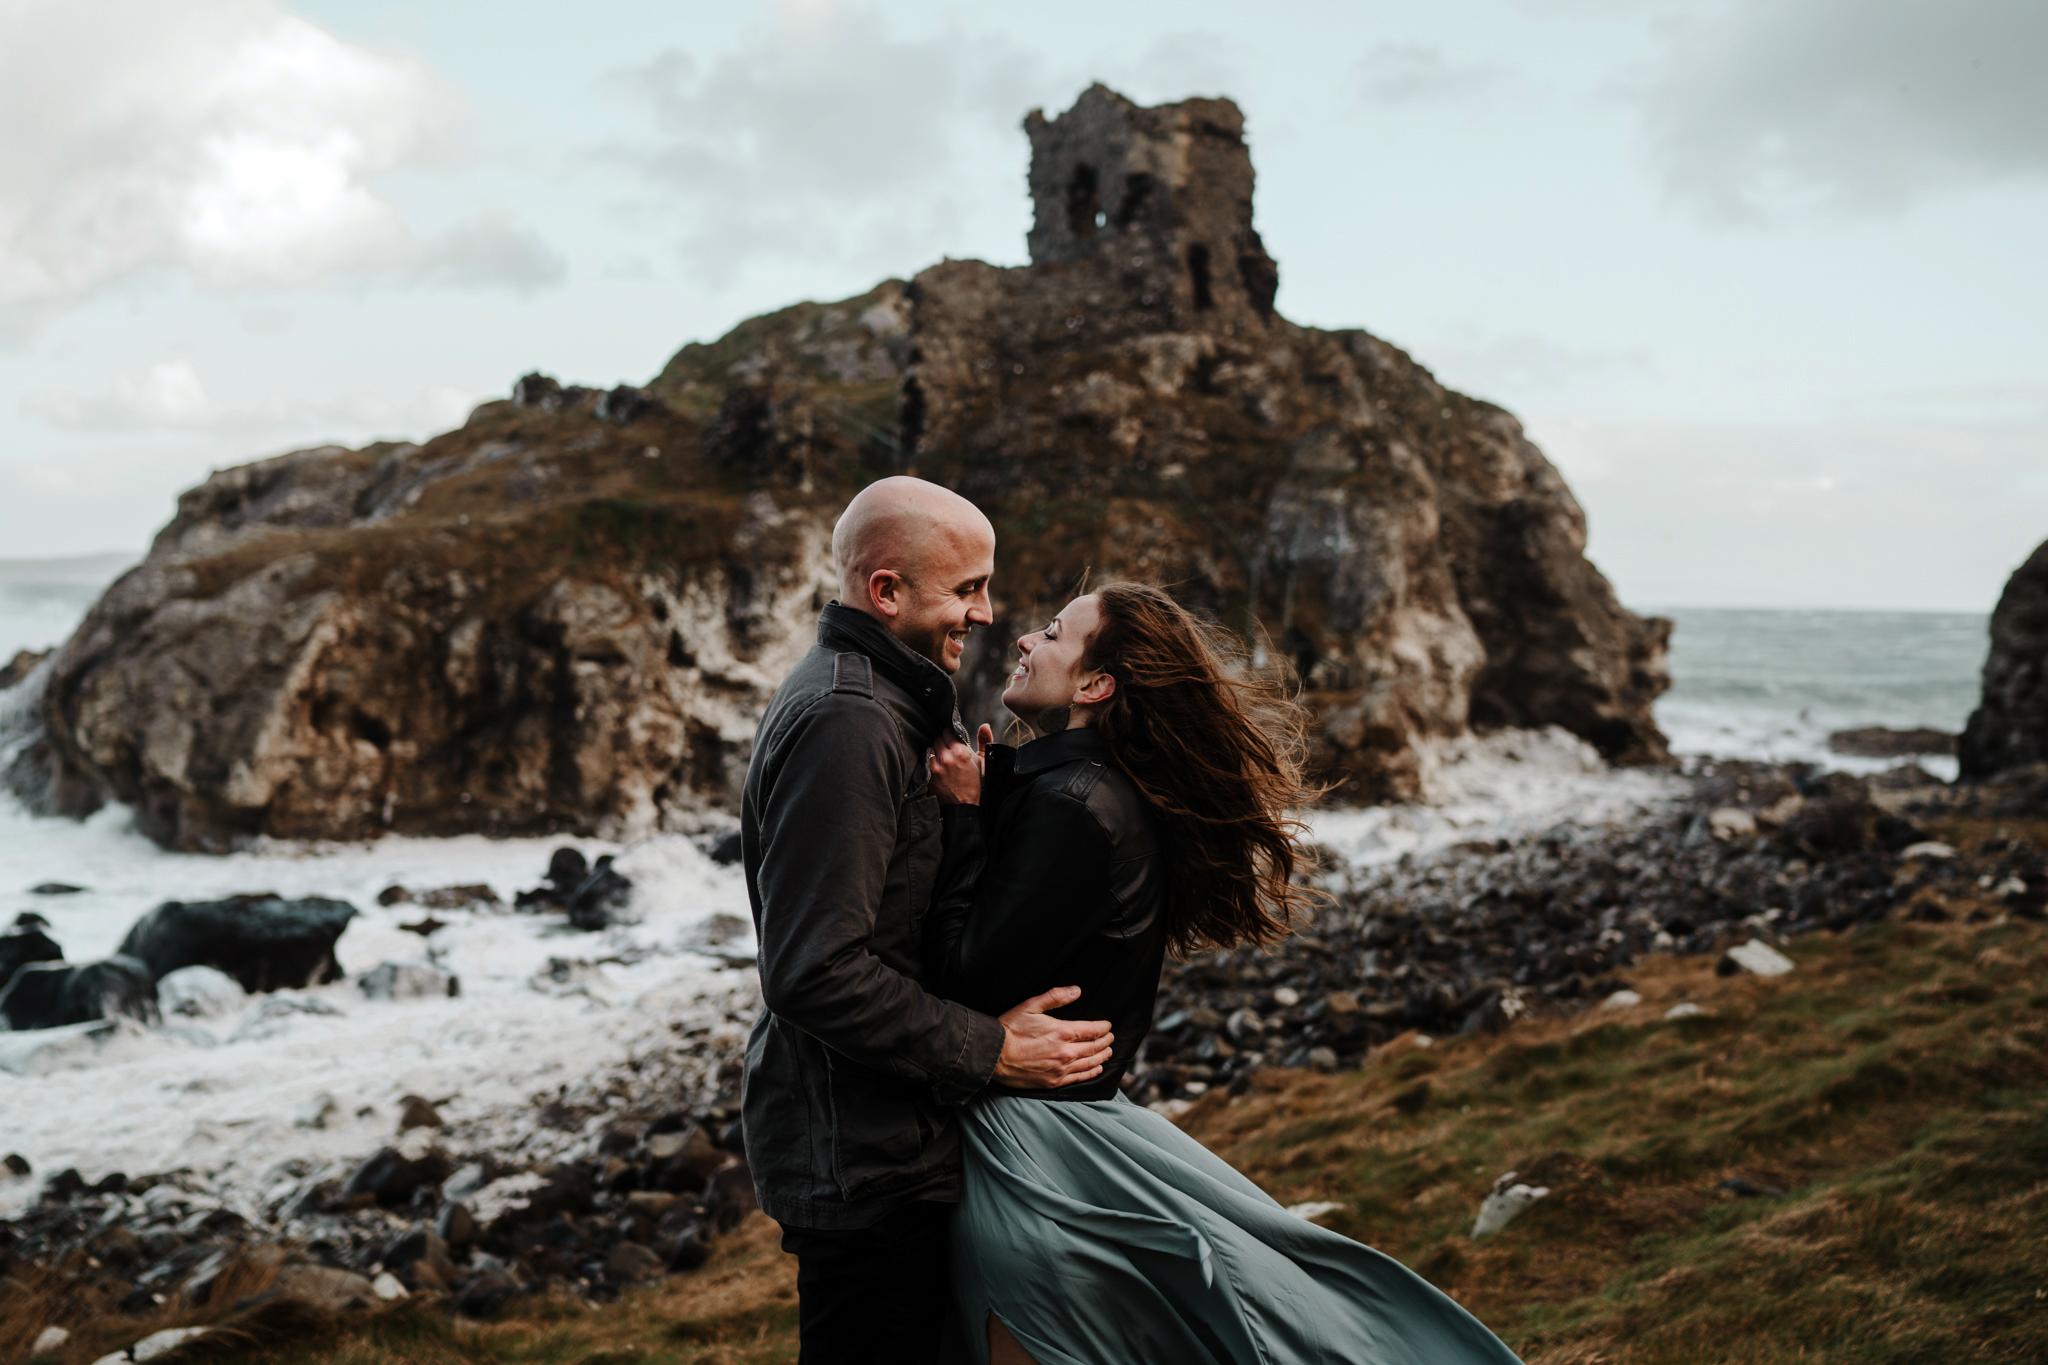 epic adventure elopement locations in ireland kinbane castle